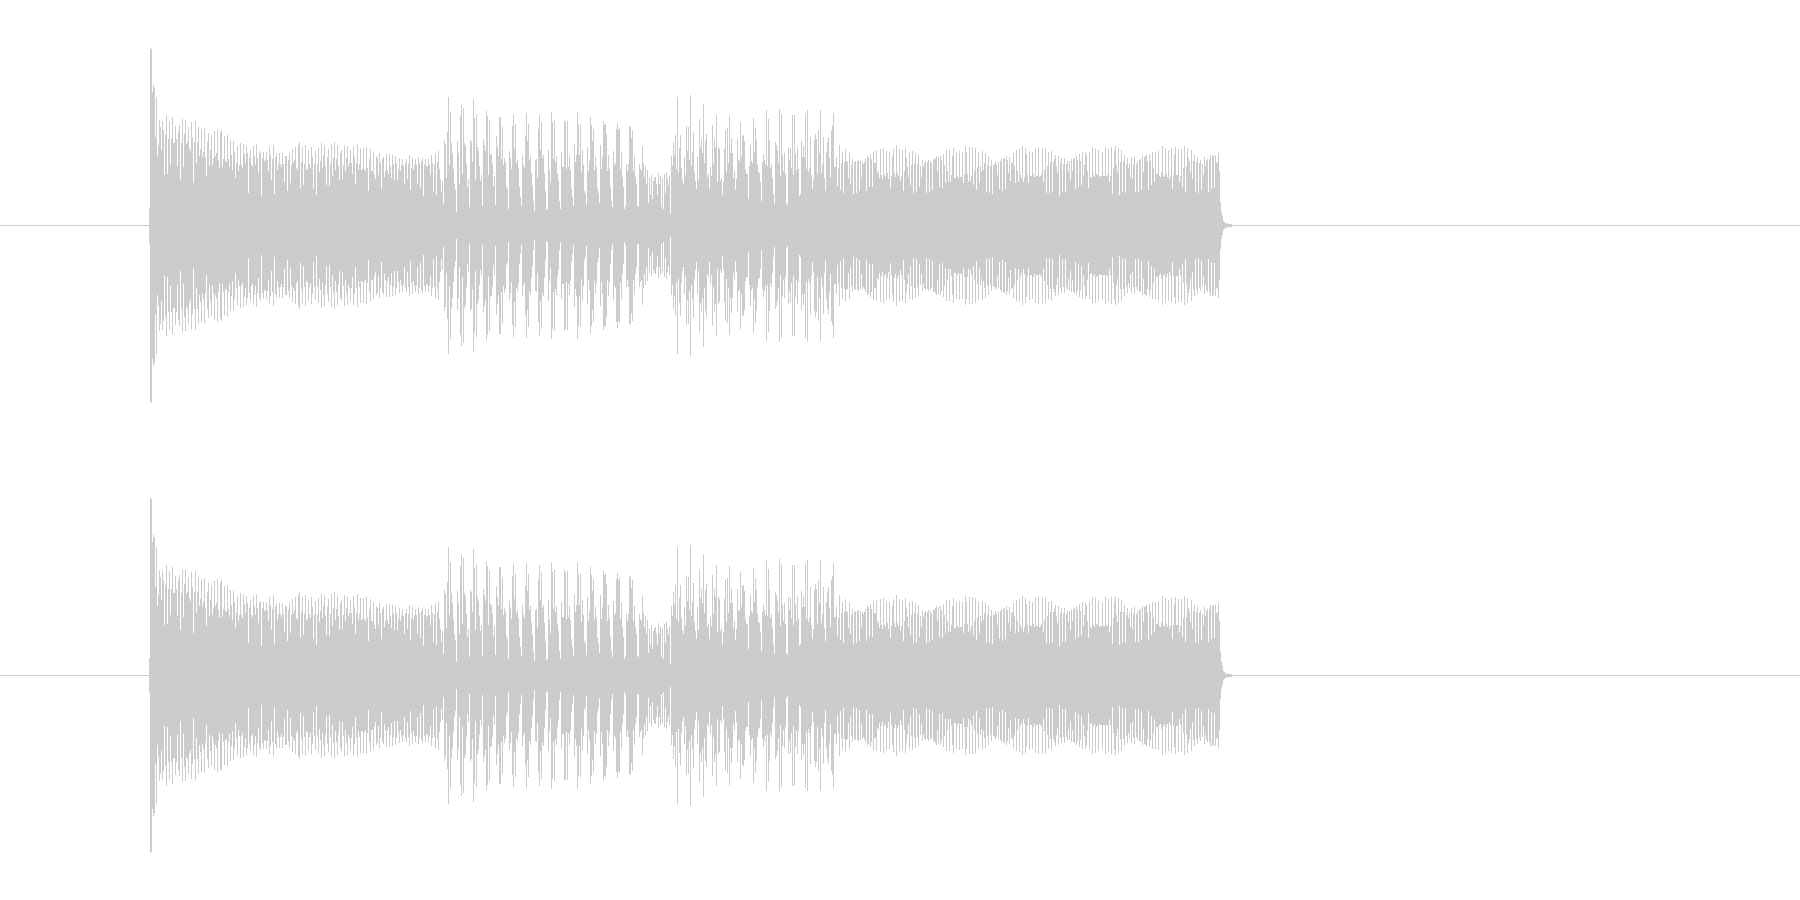 ピコピコ 決定音 スタート音 電子音の未再生の波形